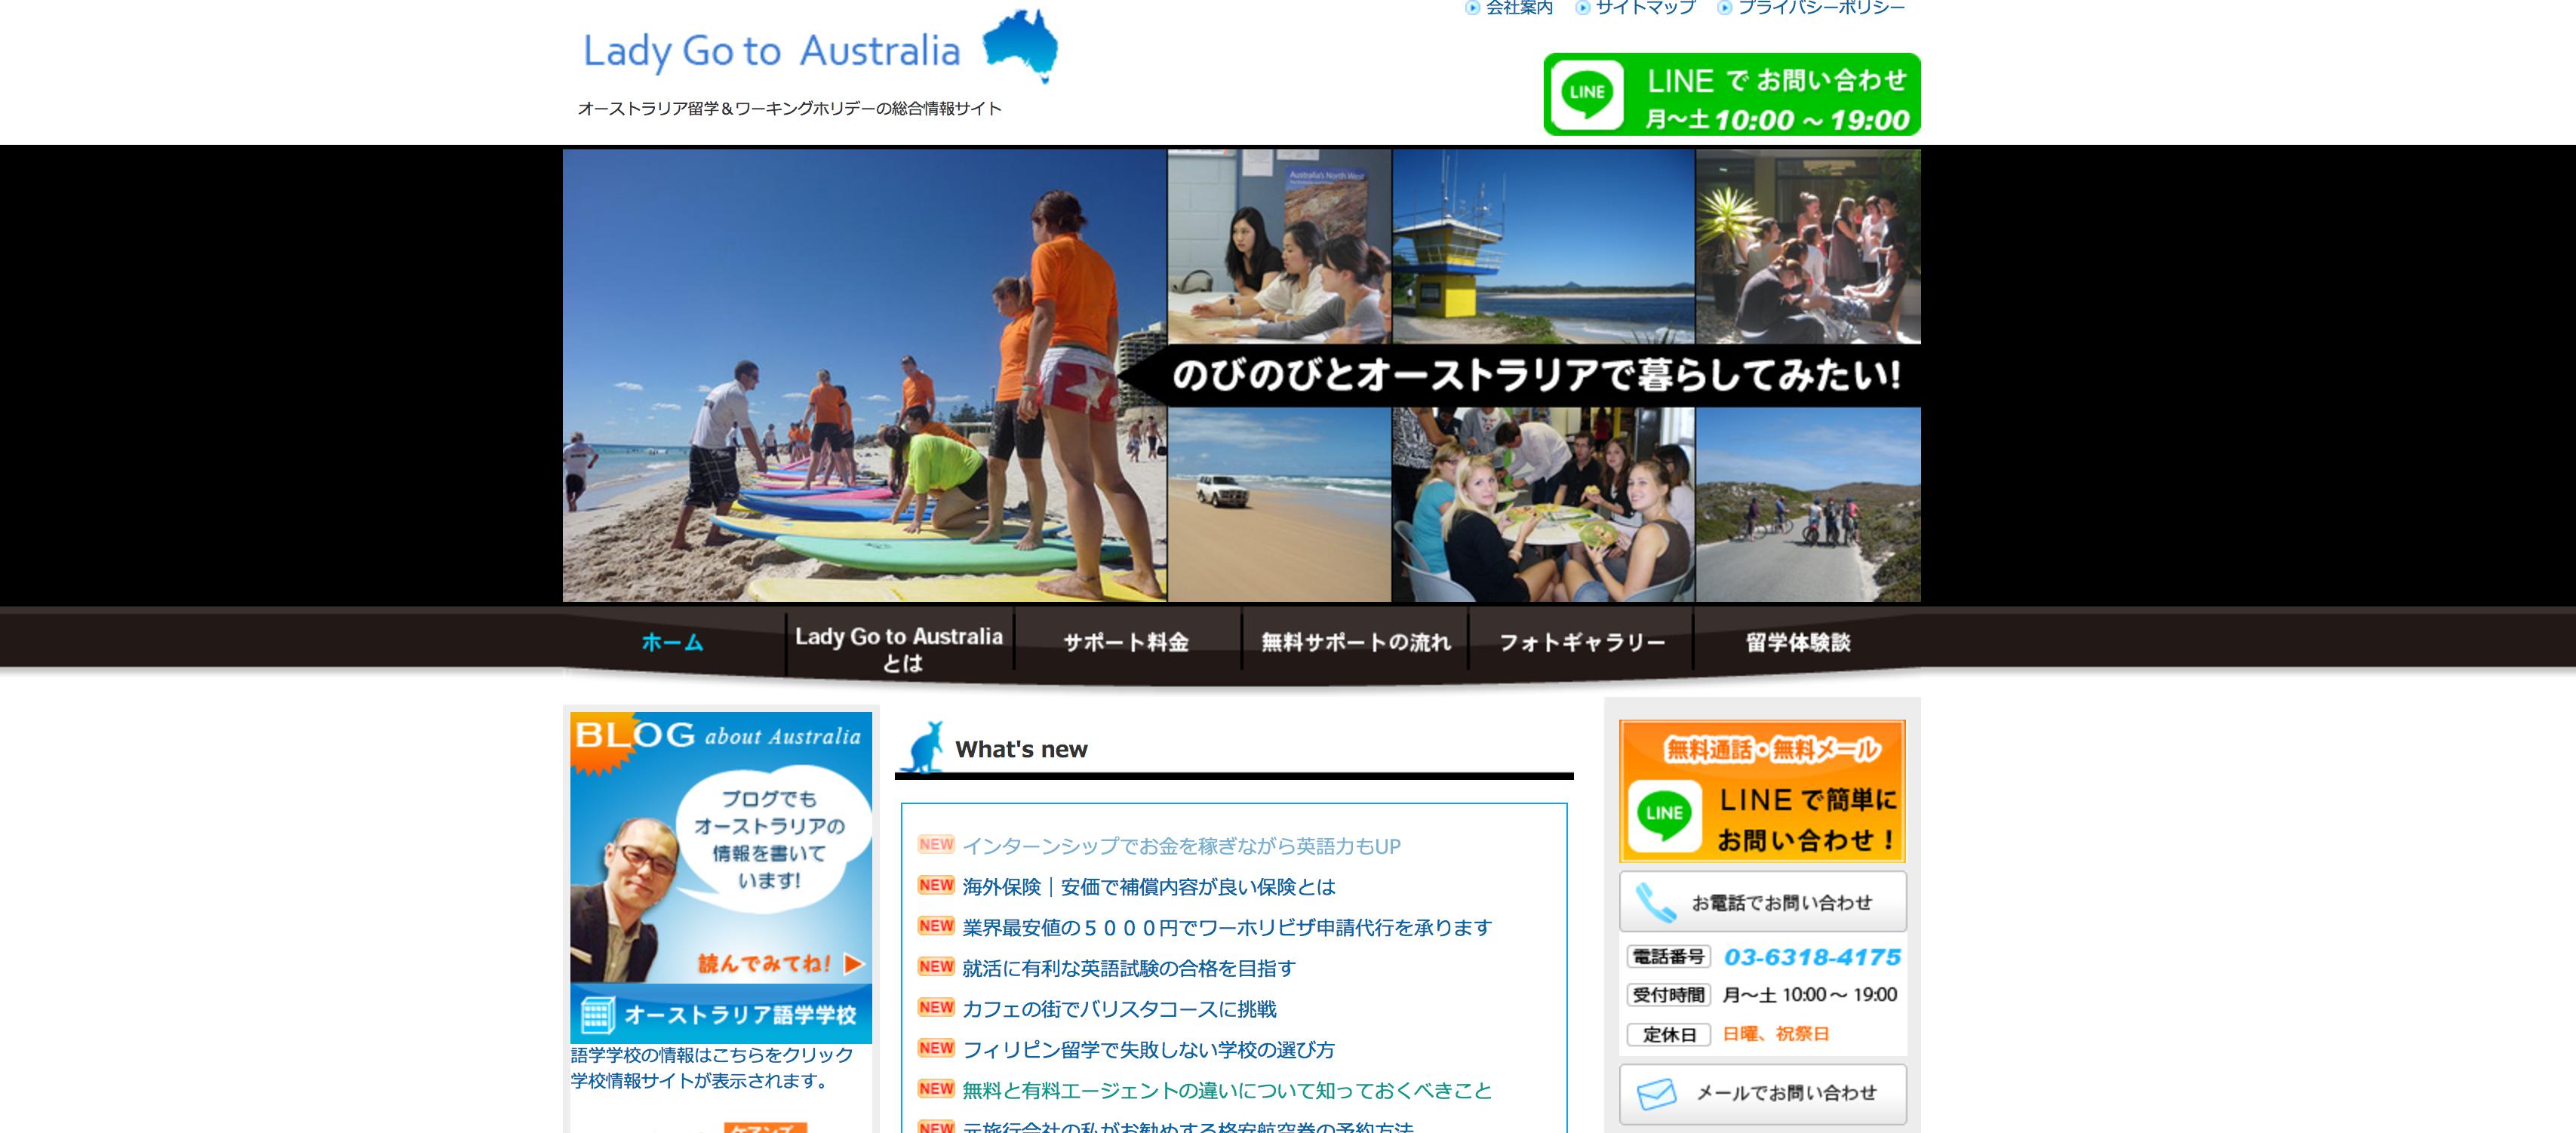 オーストラリア・シドニーの留学エージェント